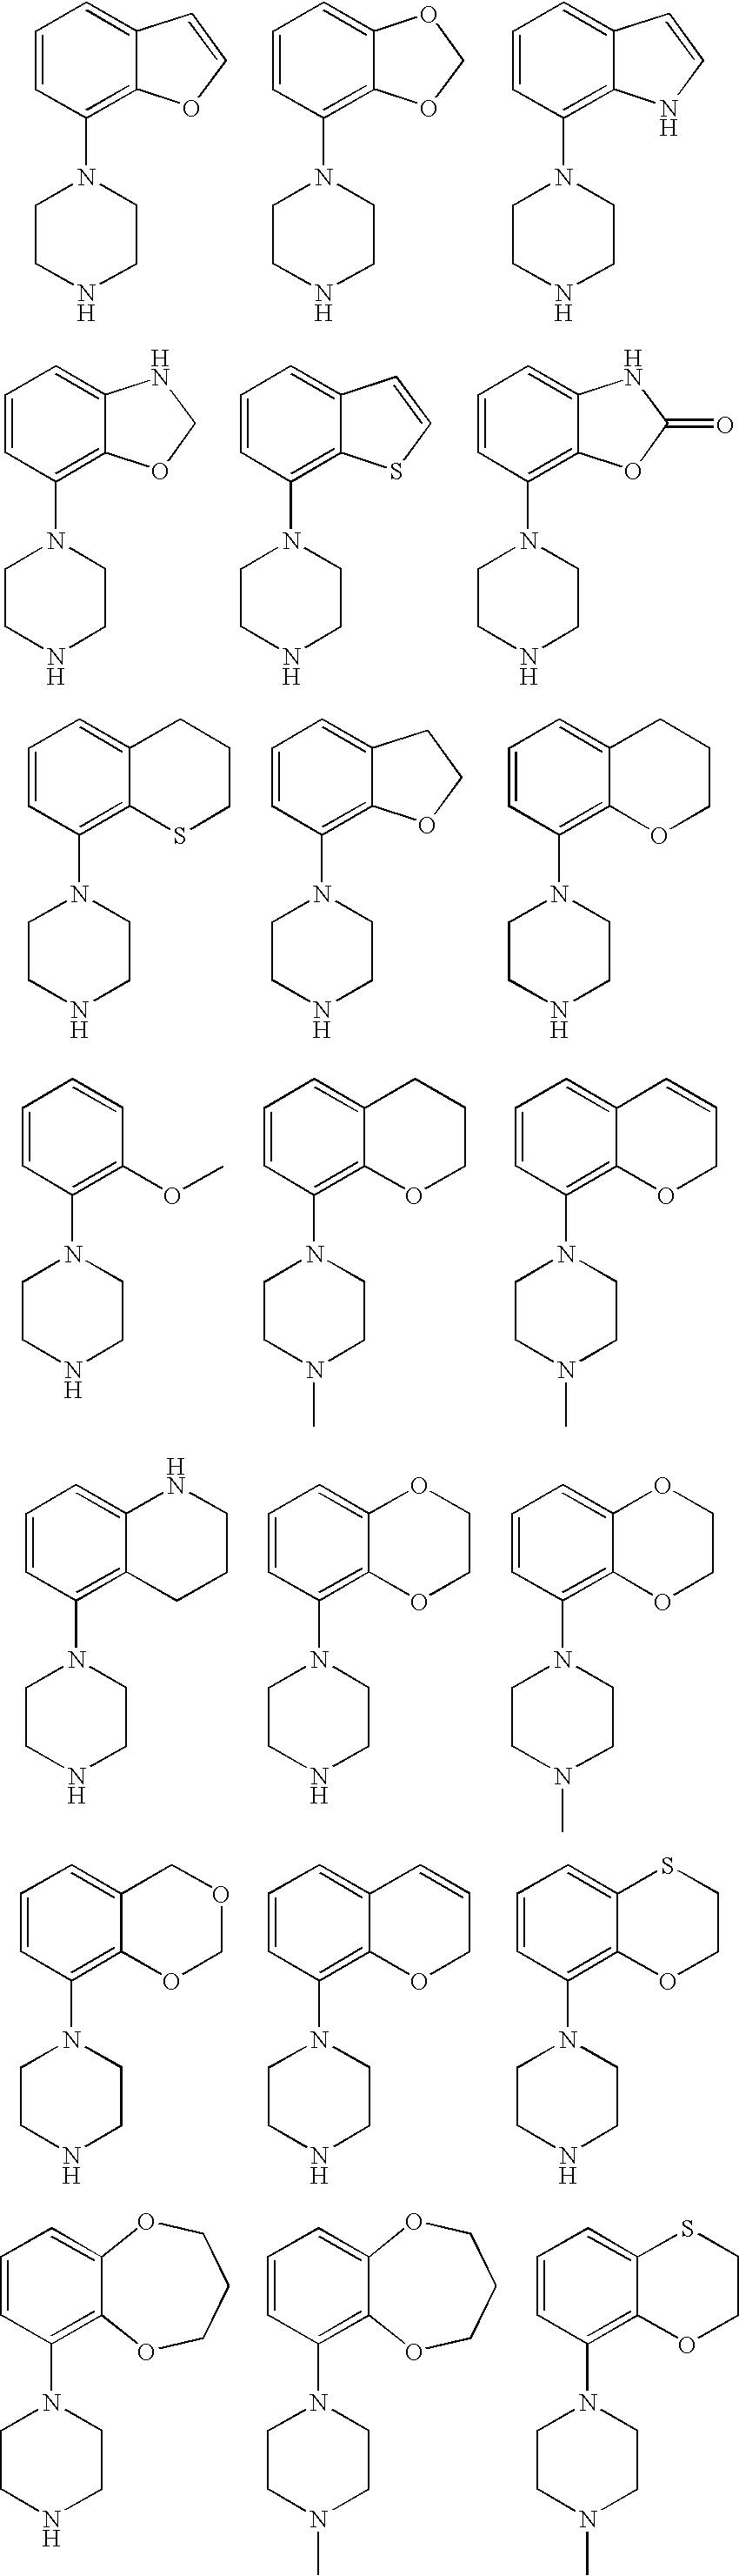 Figure US20100009983A1-20100114-C00168